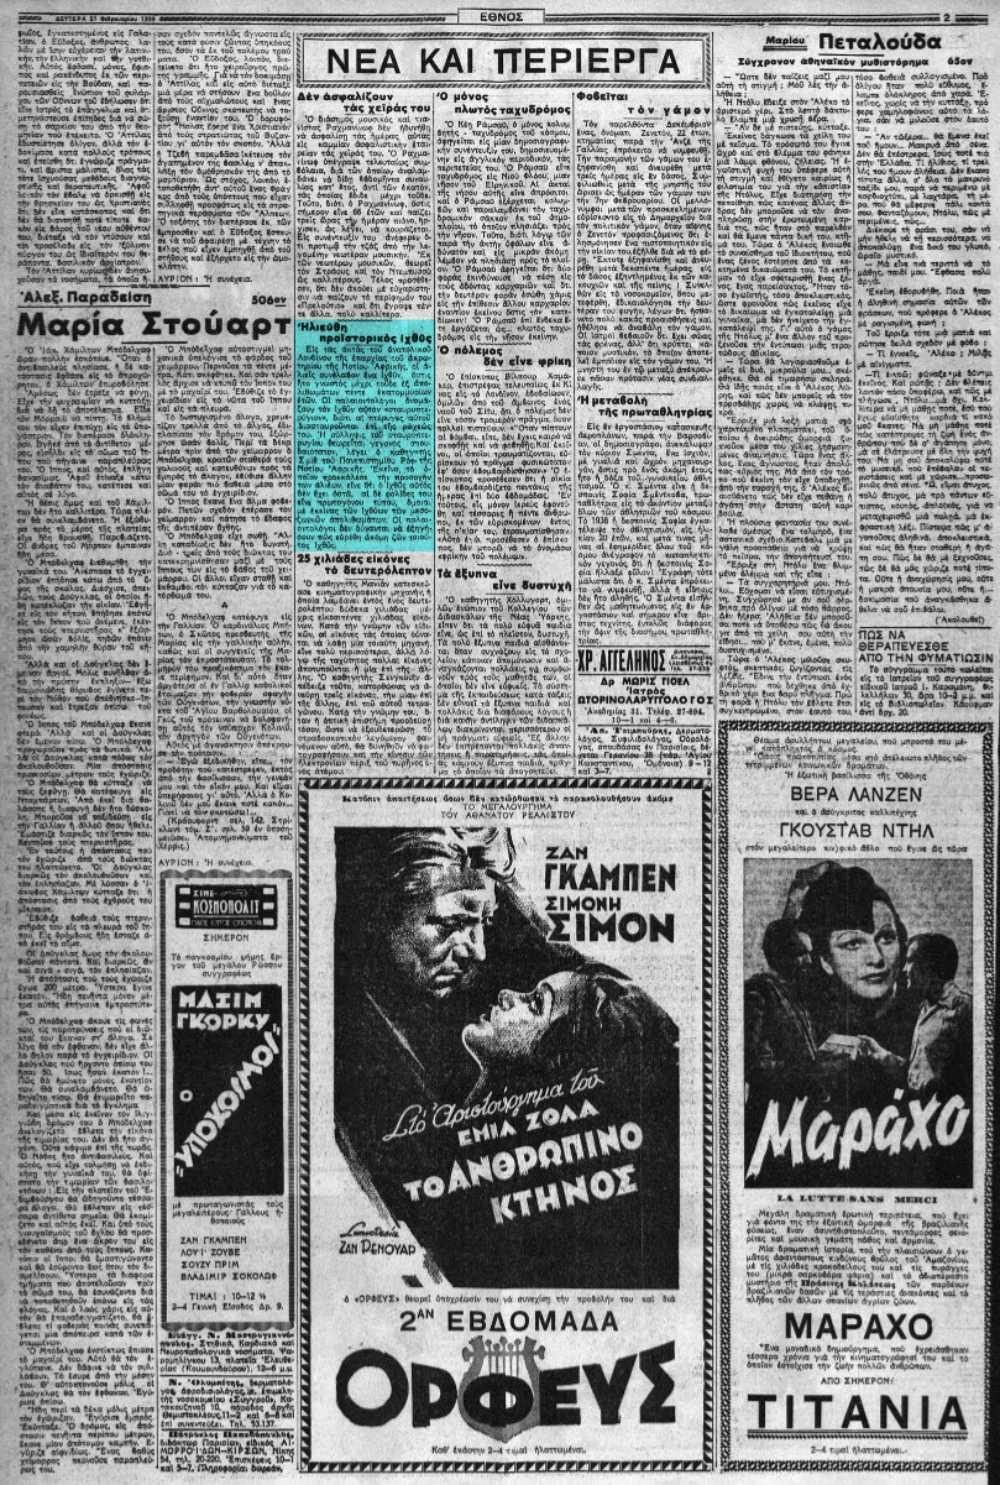 """Το άρθρο, όπως δημοσιεύθηκε στην εφημερίδα """"ΕΘΝΟΣ"""", στις 27/02/1939"""